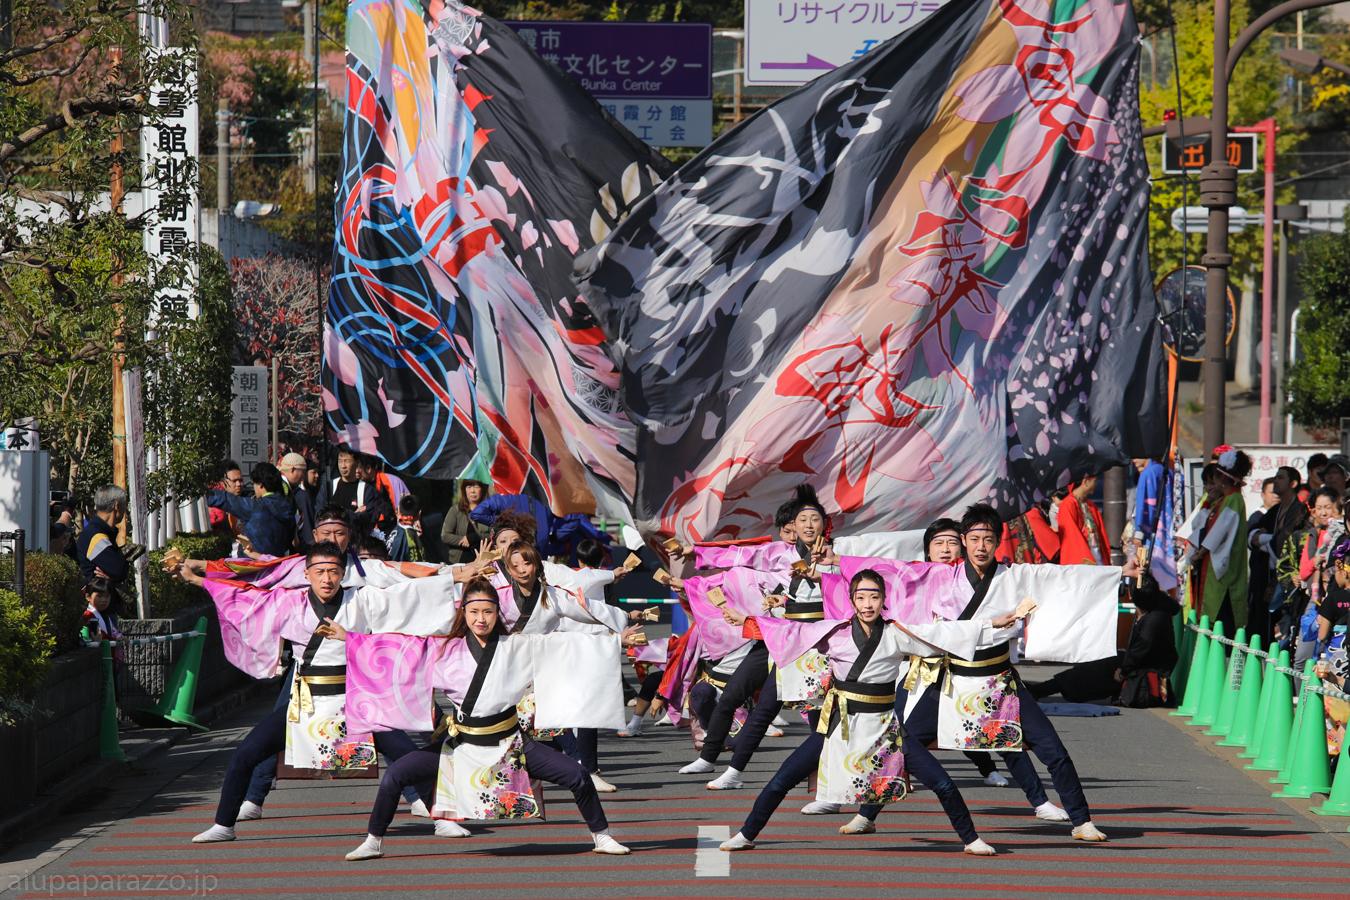 kabuki2016ran_oyachai-12.jpg